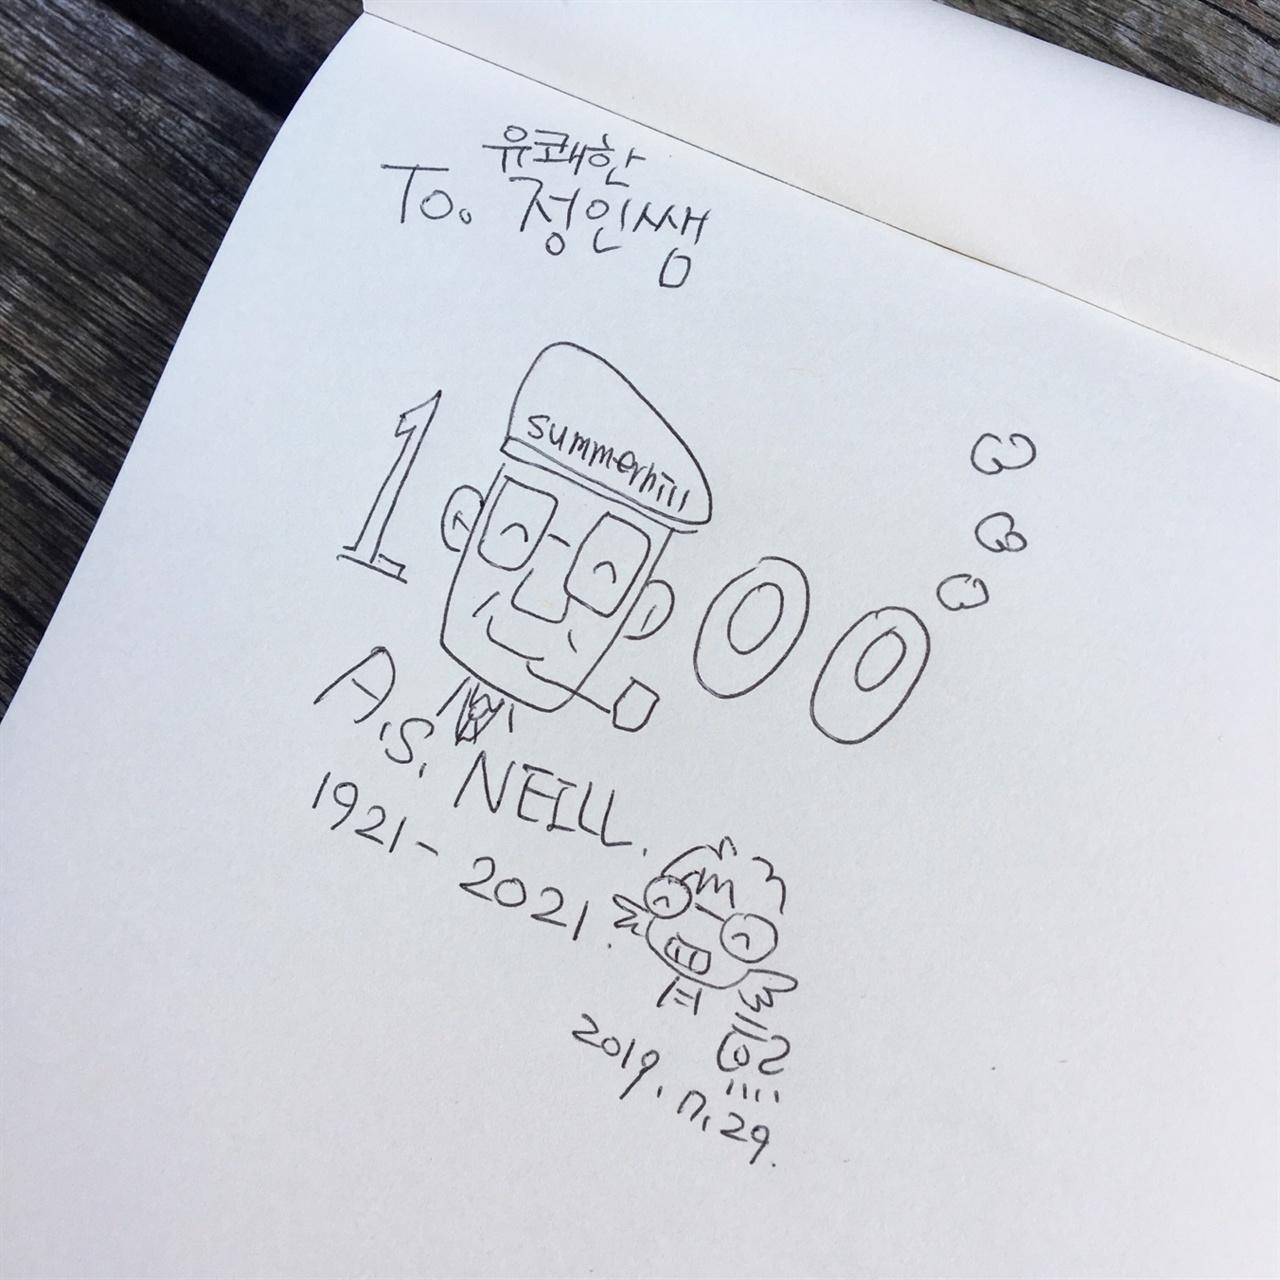 함께 참가한 김준희(만화가) 선생님이 그려준 써머힐 100주년 기념 싸인. 닐 캐릭터 탄생.